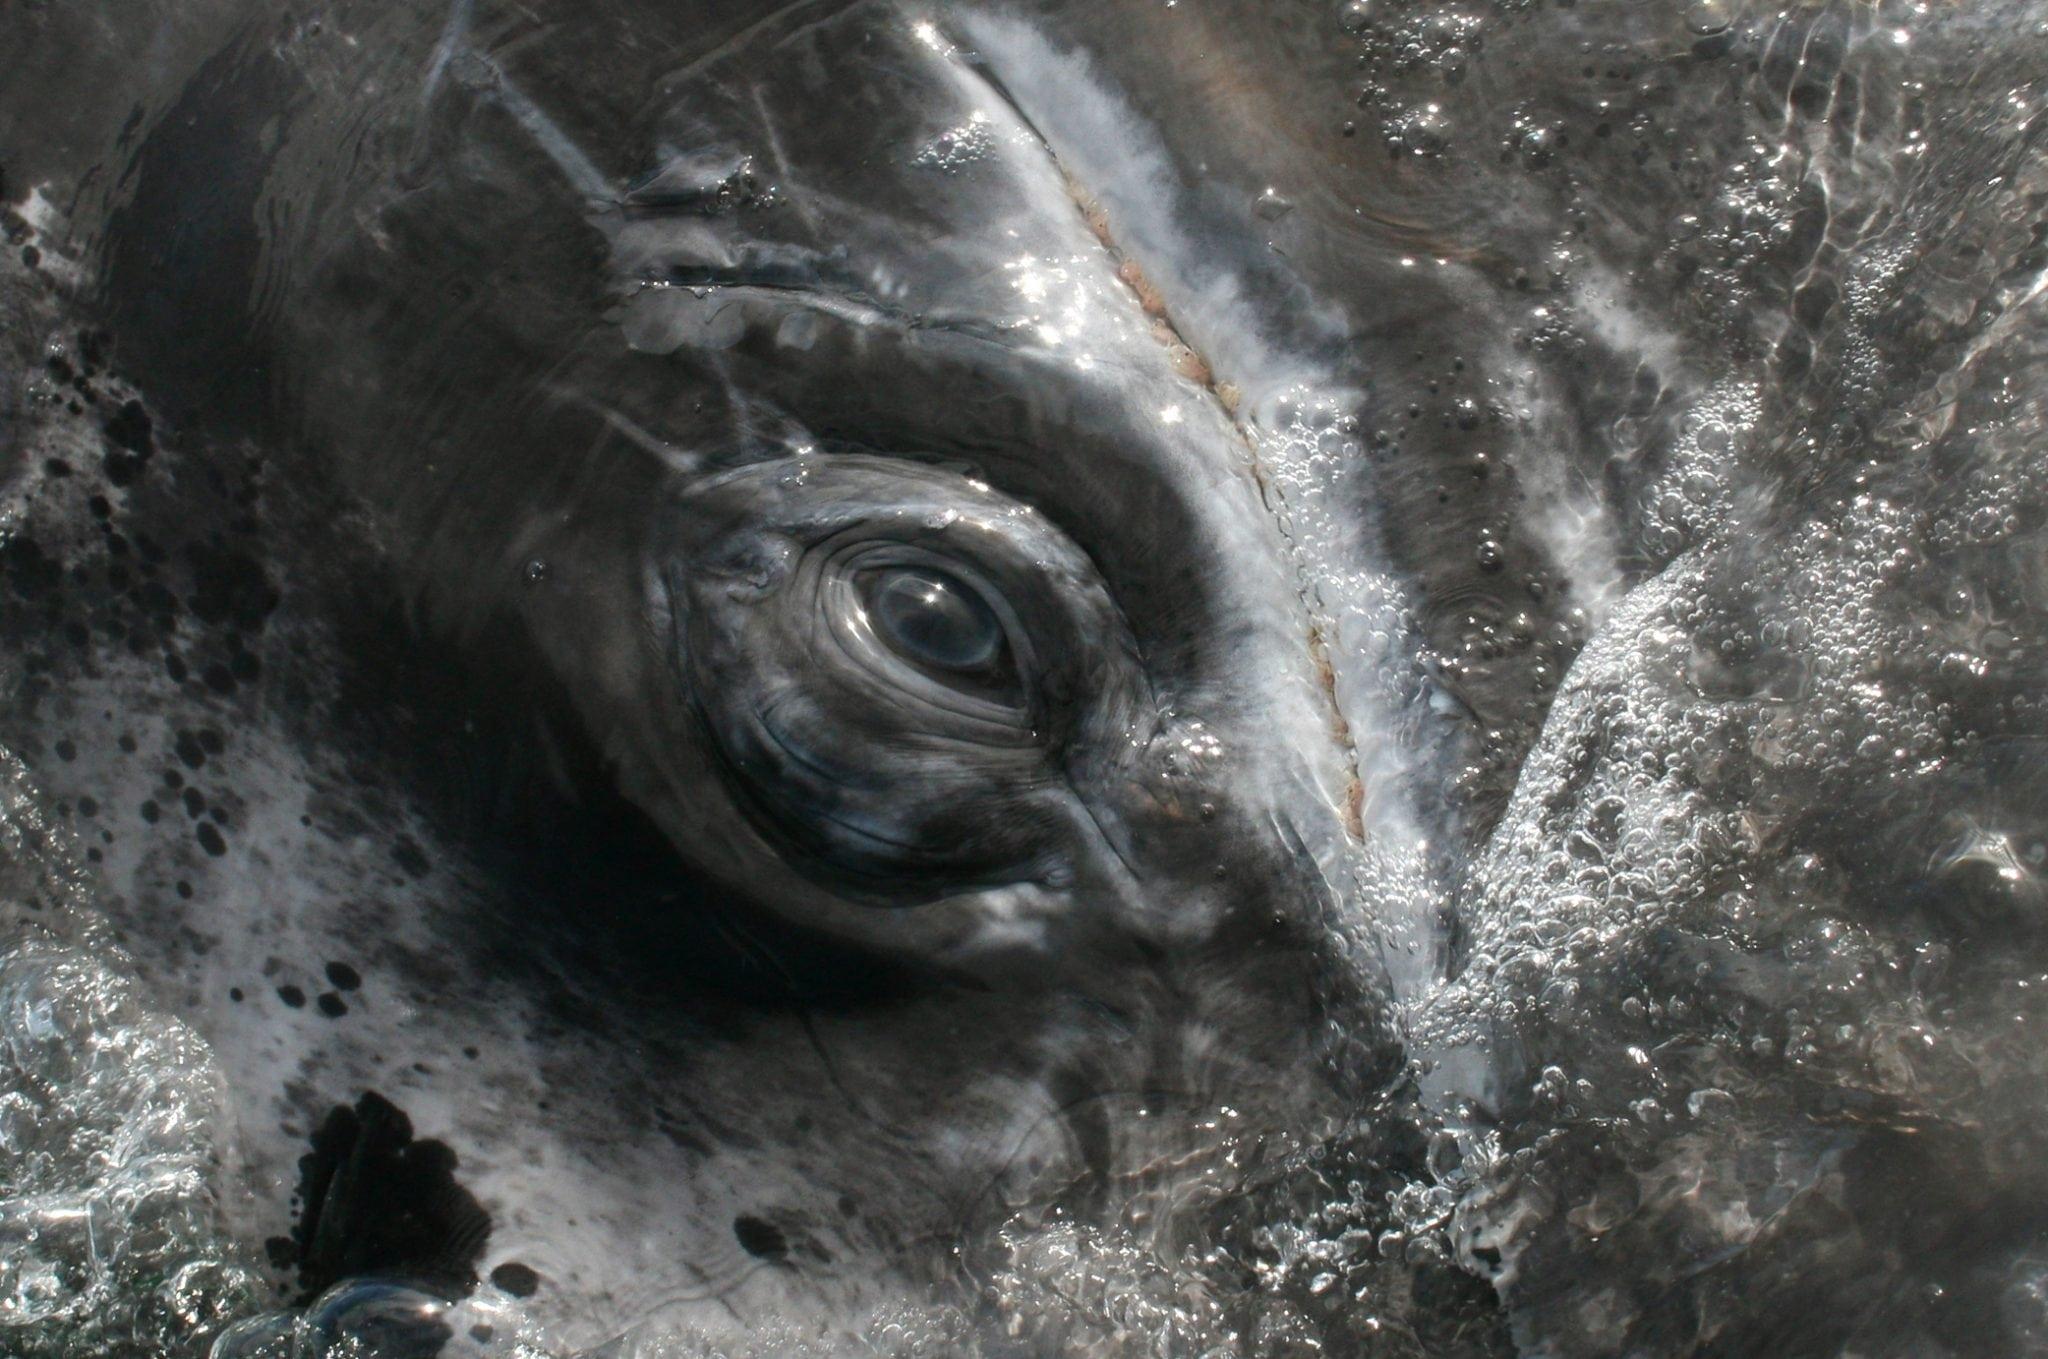 Grey whale eye